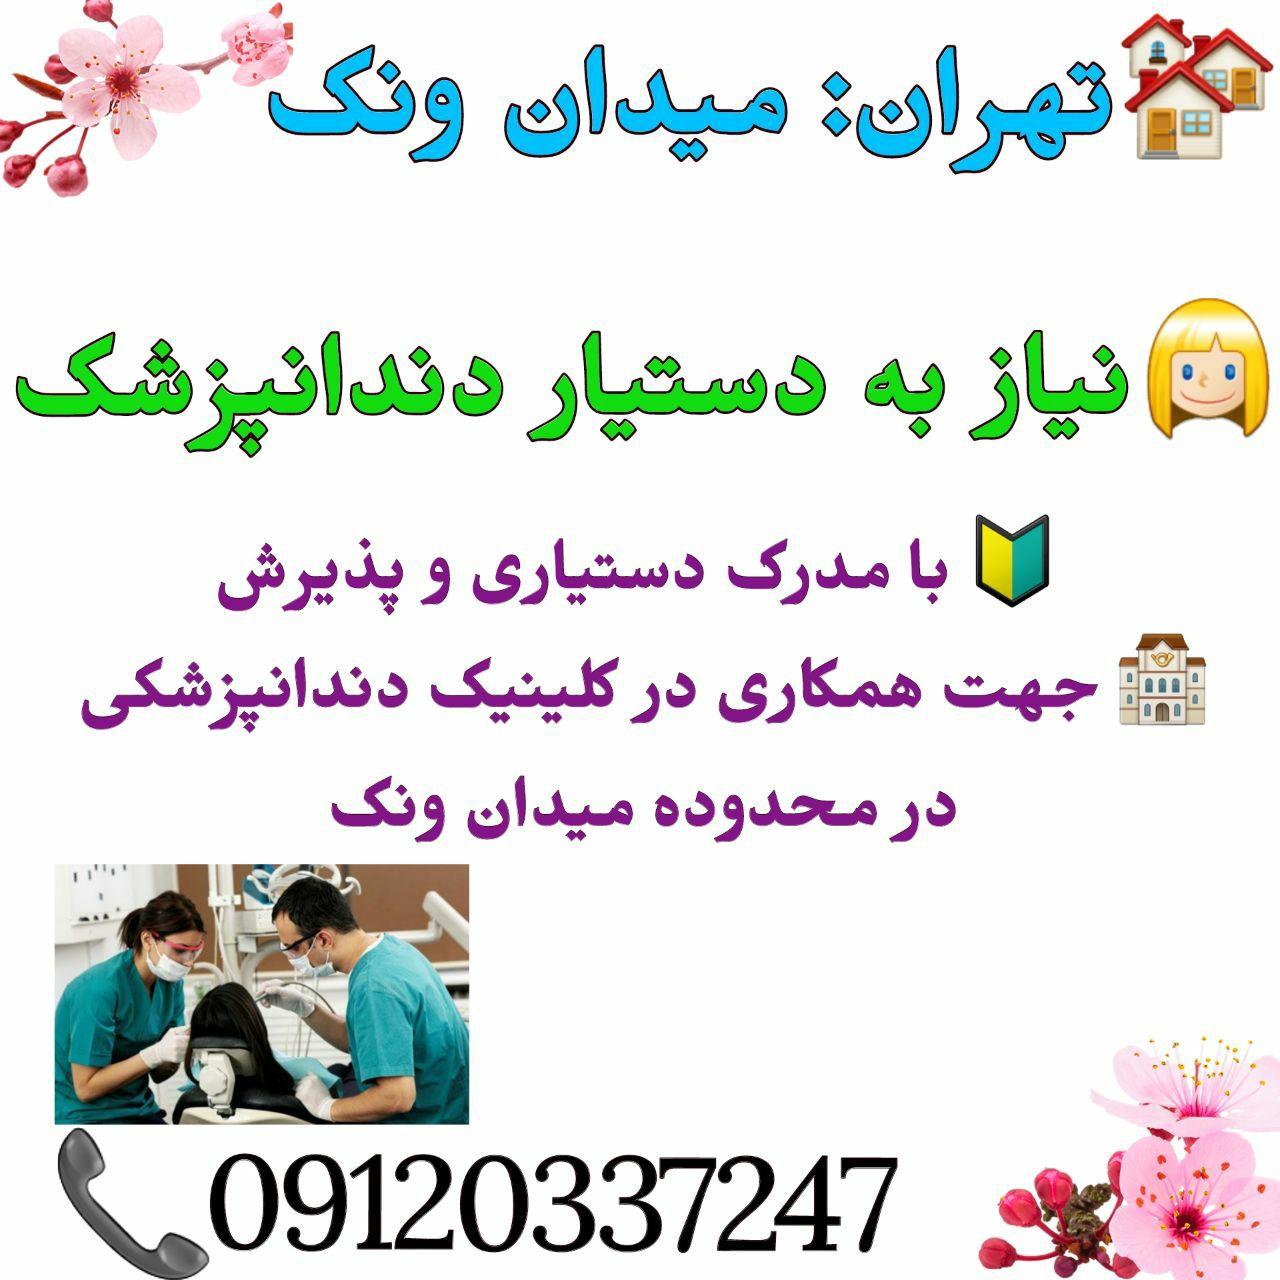 تهران: میدان ونک، نیاز به دستیار دندانپزشک